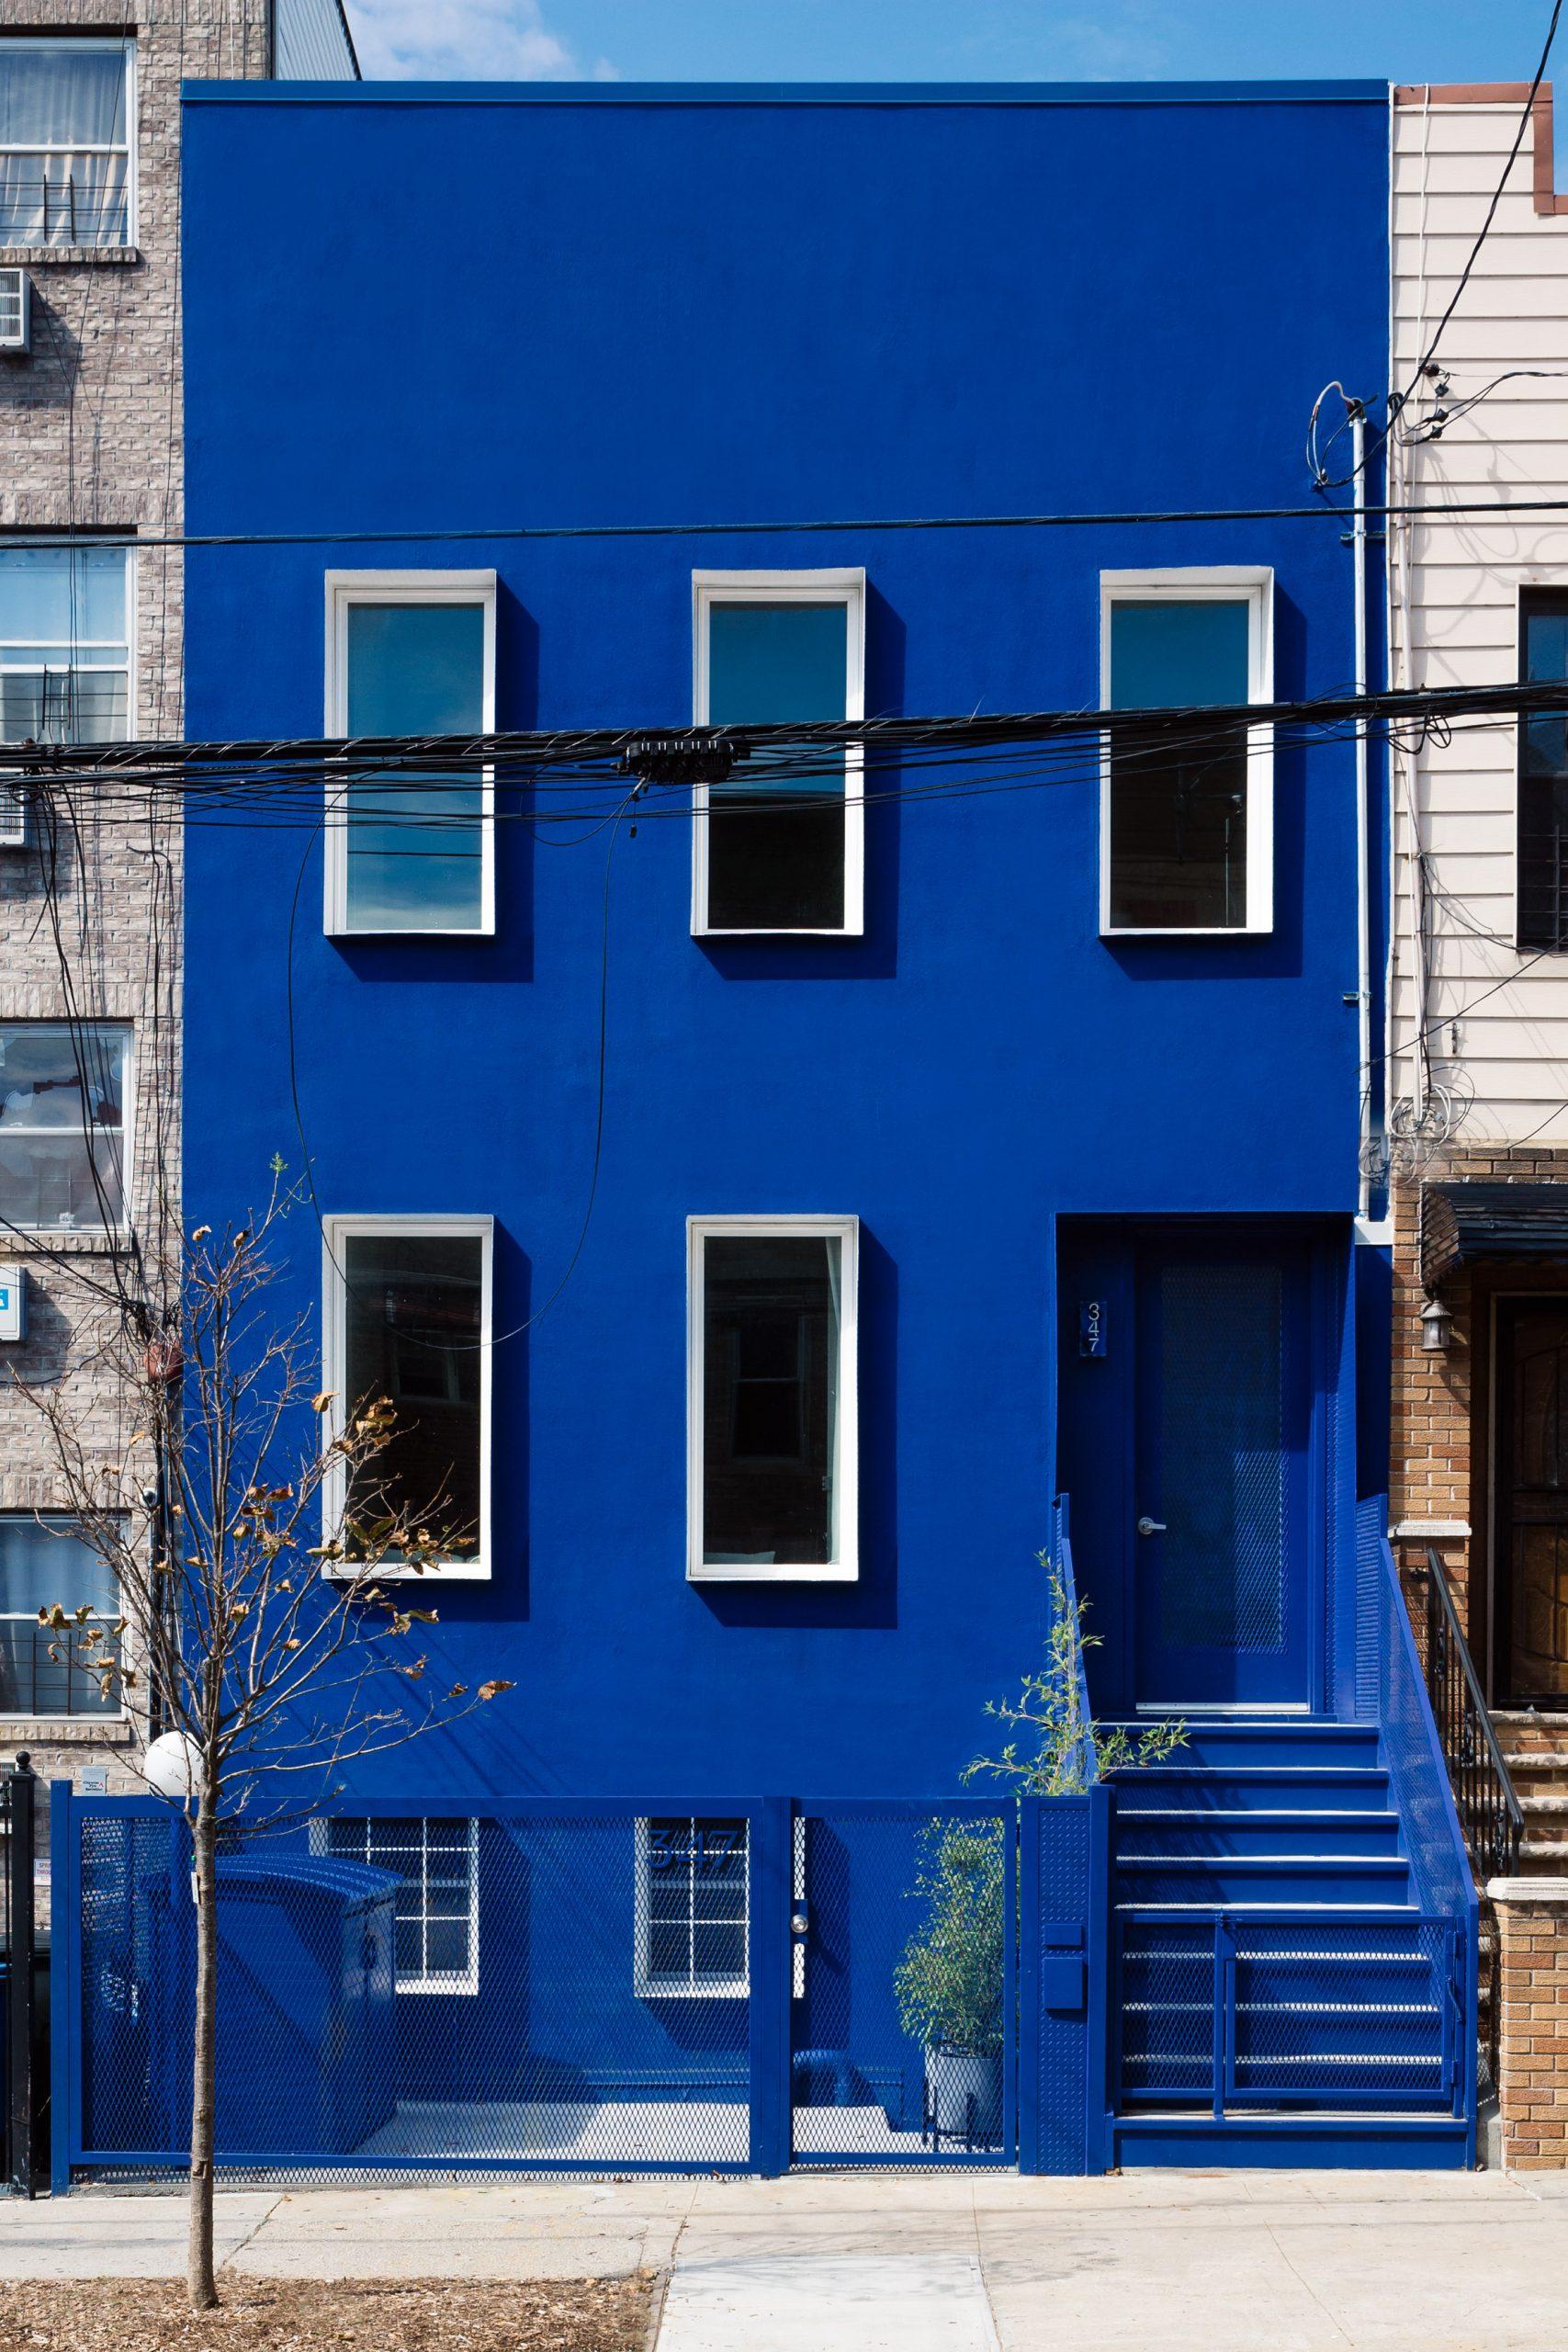 The Blue Building in Bushwick